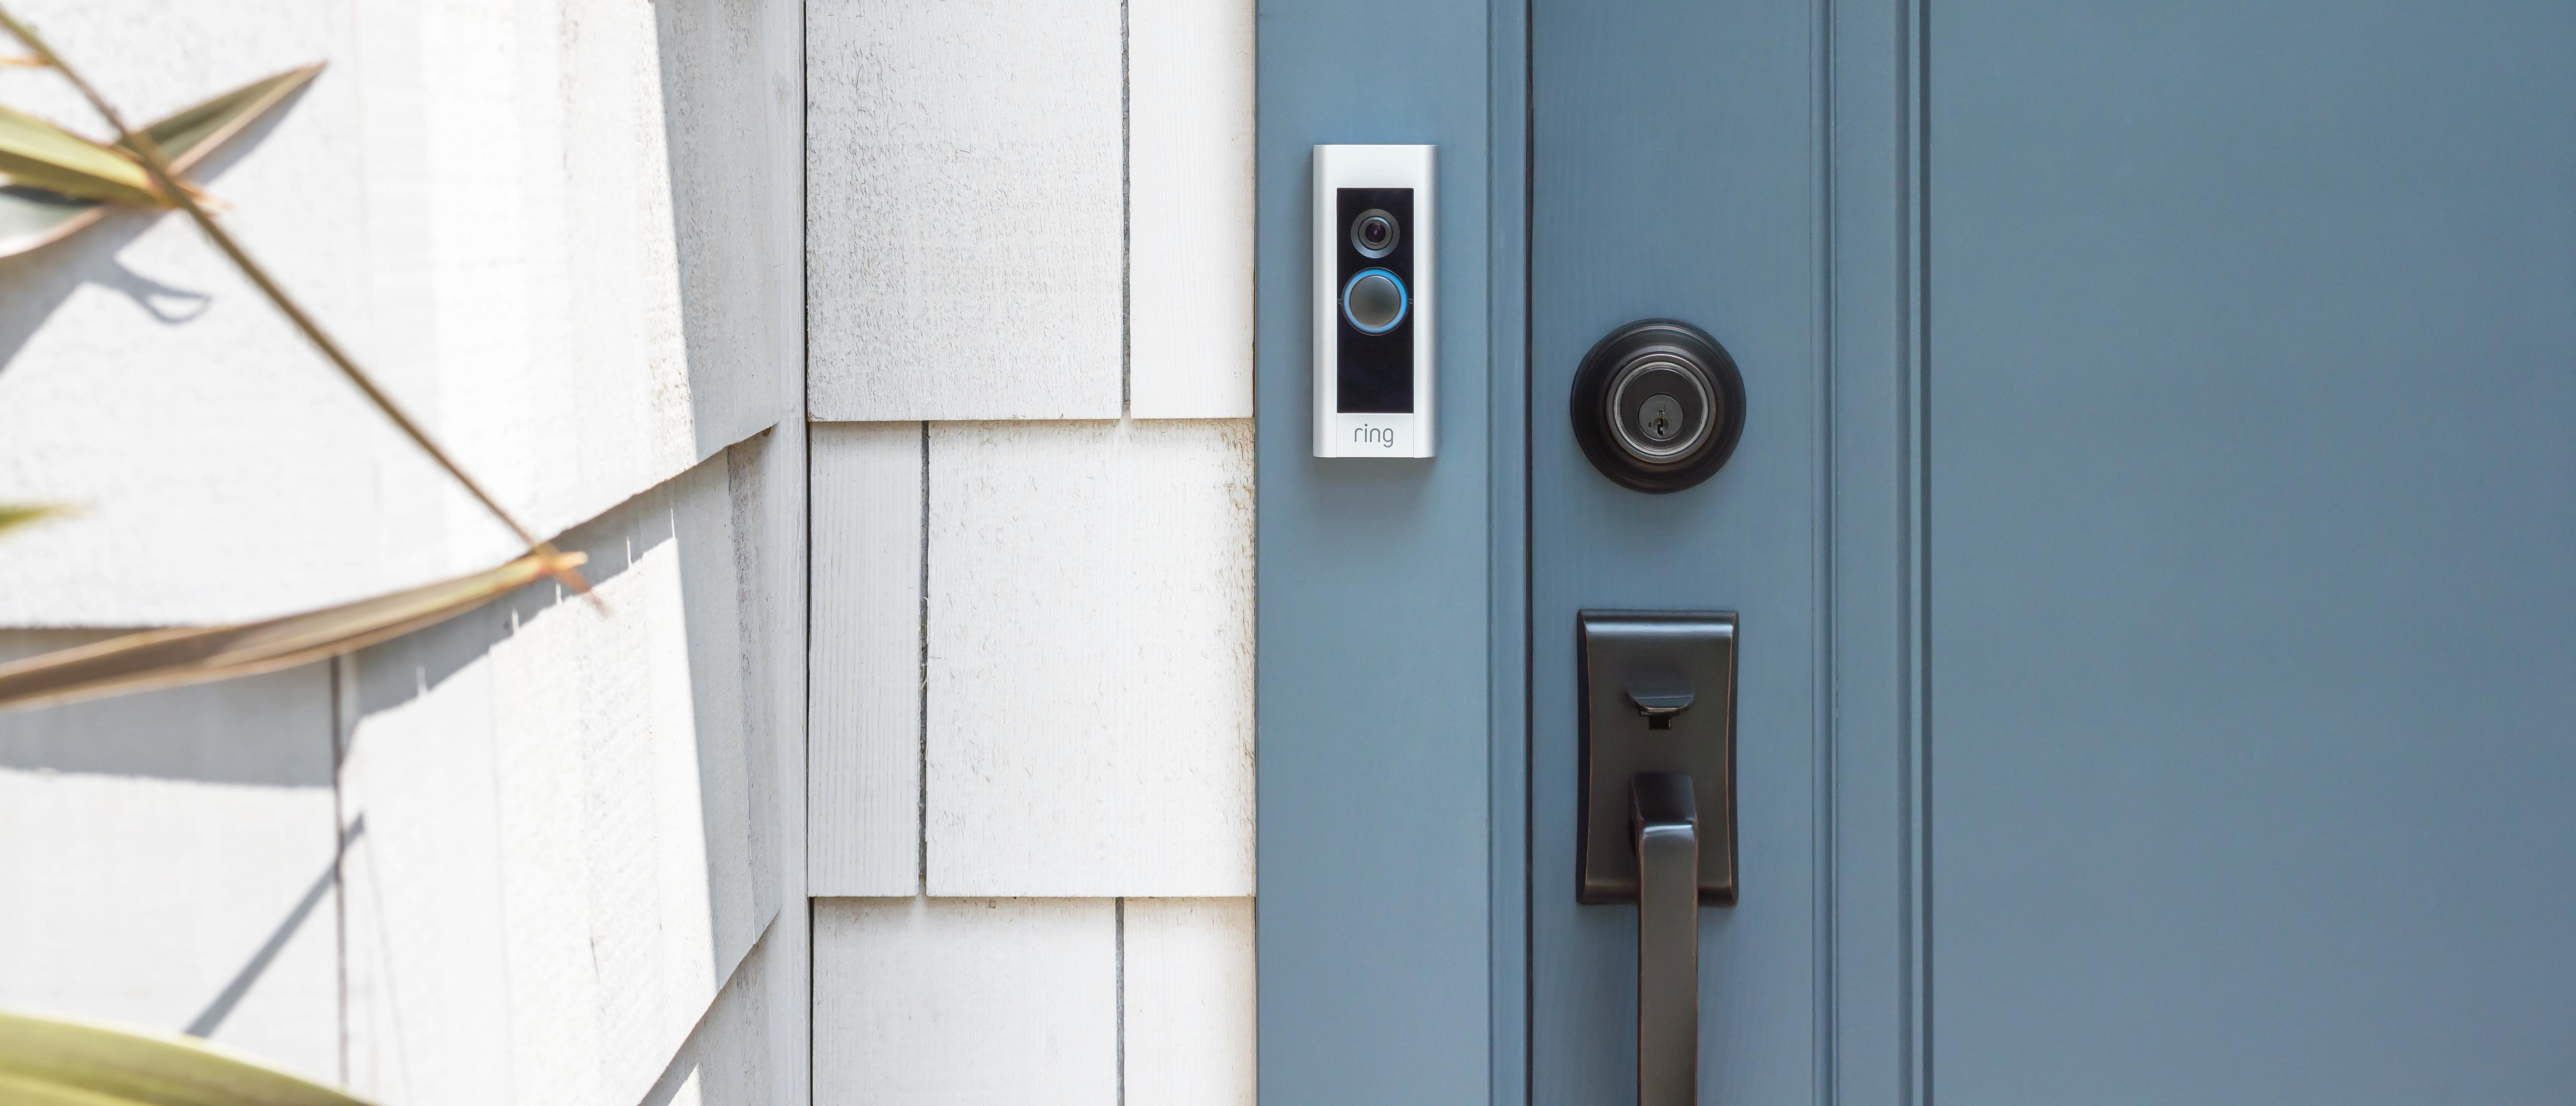 ring doorbell camera next to blue door